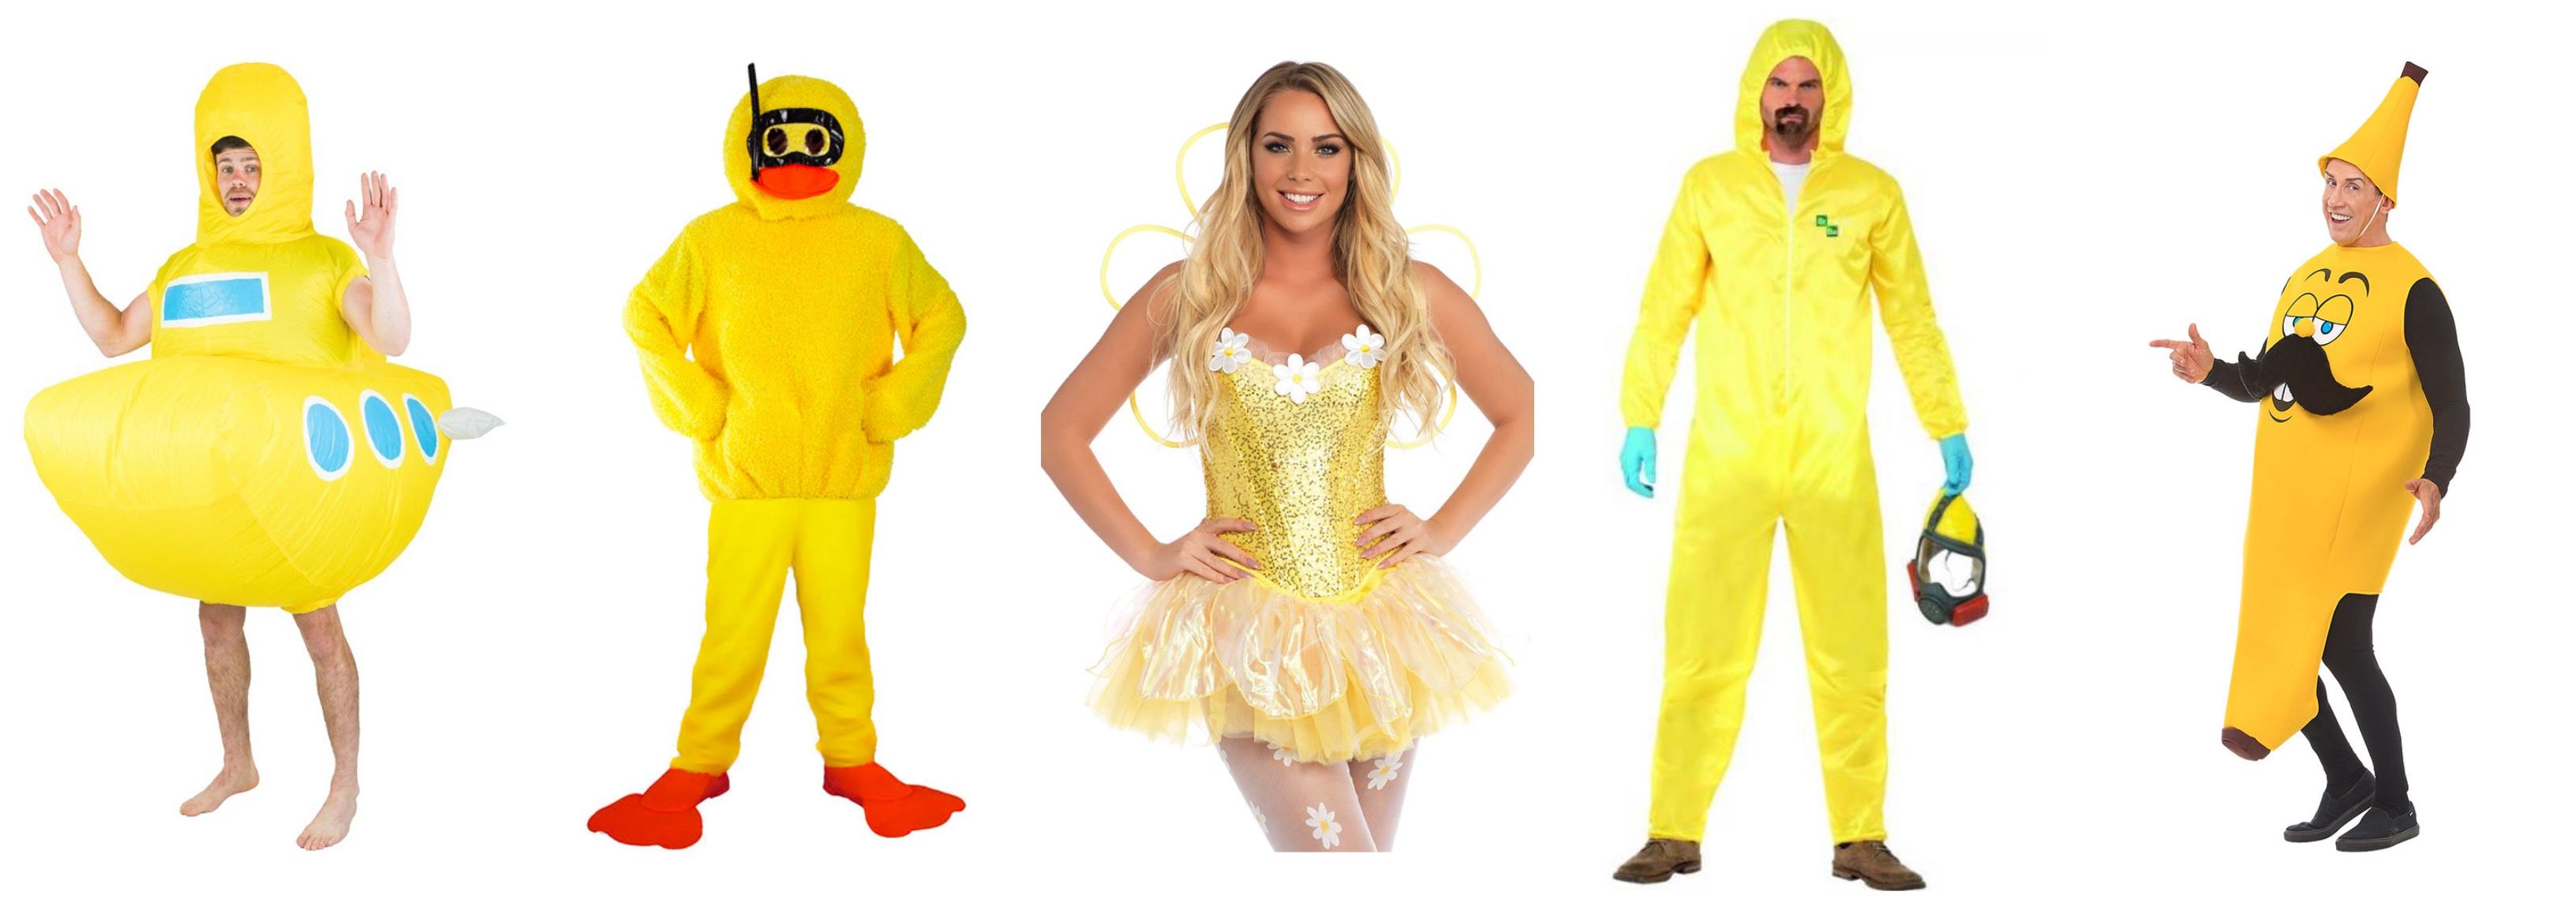 gule kostumer - Gule kostumer til voksne